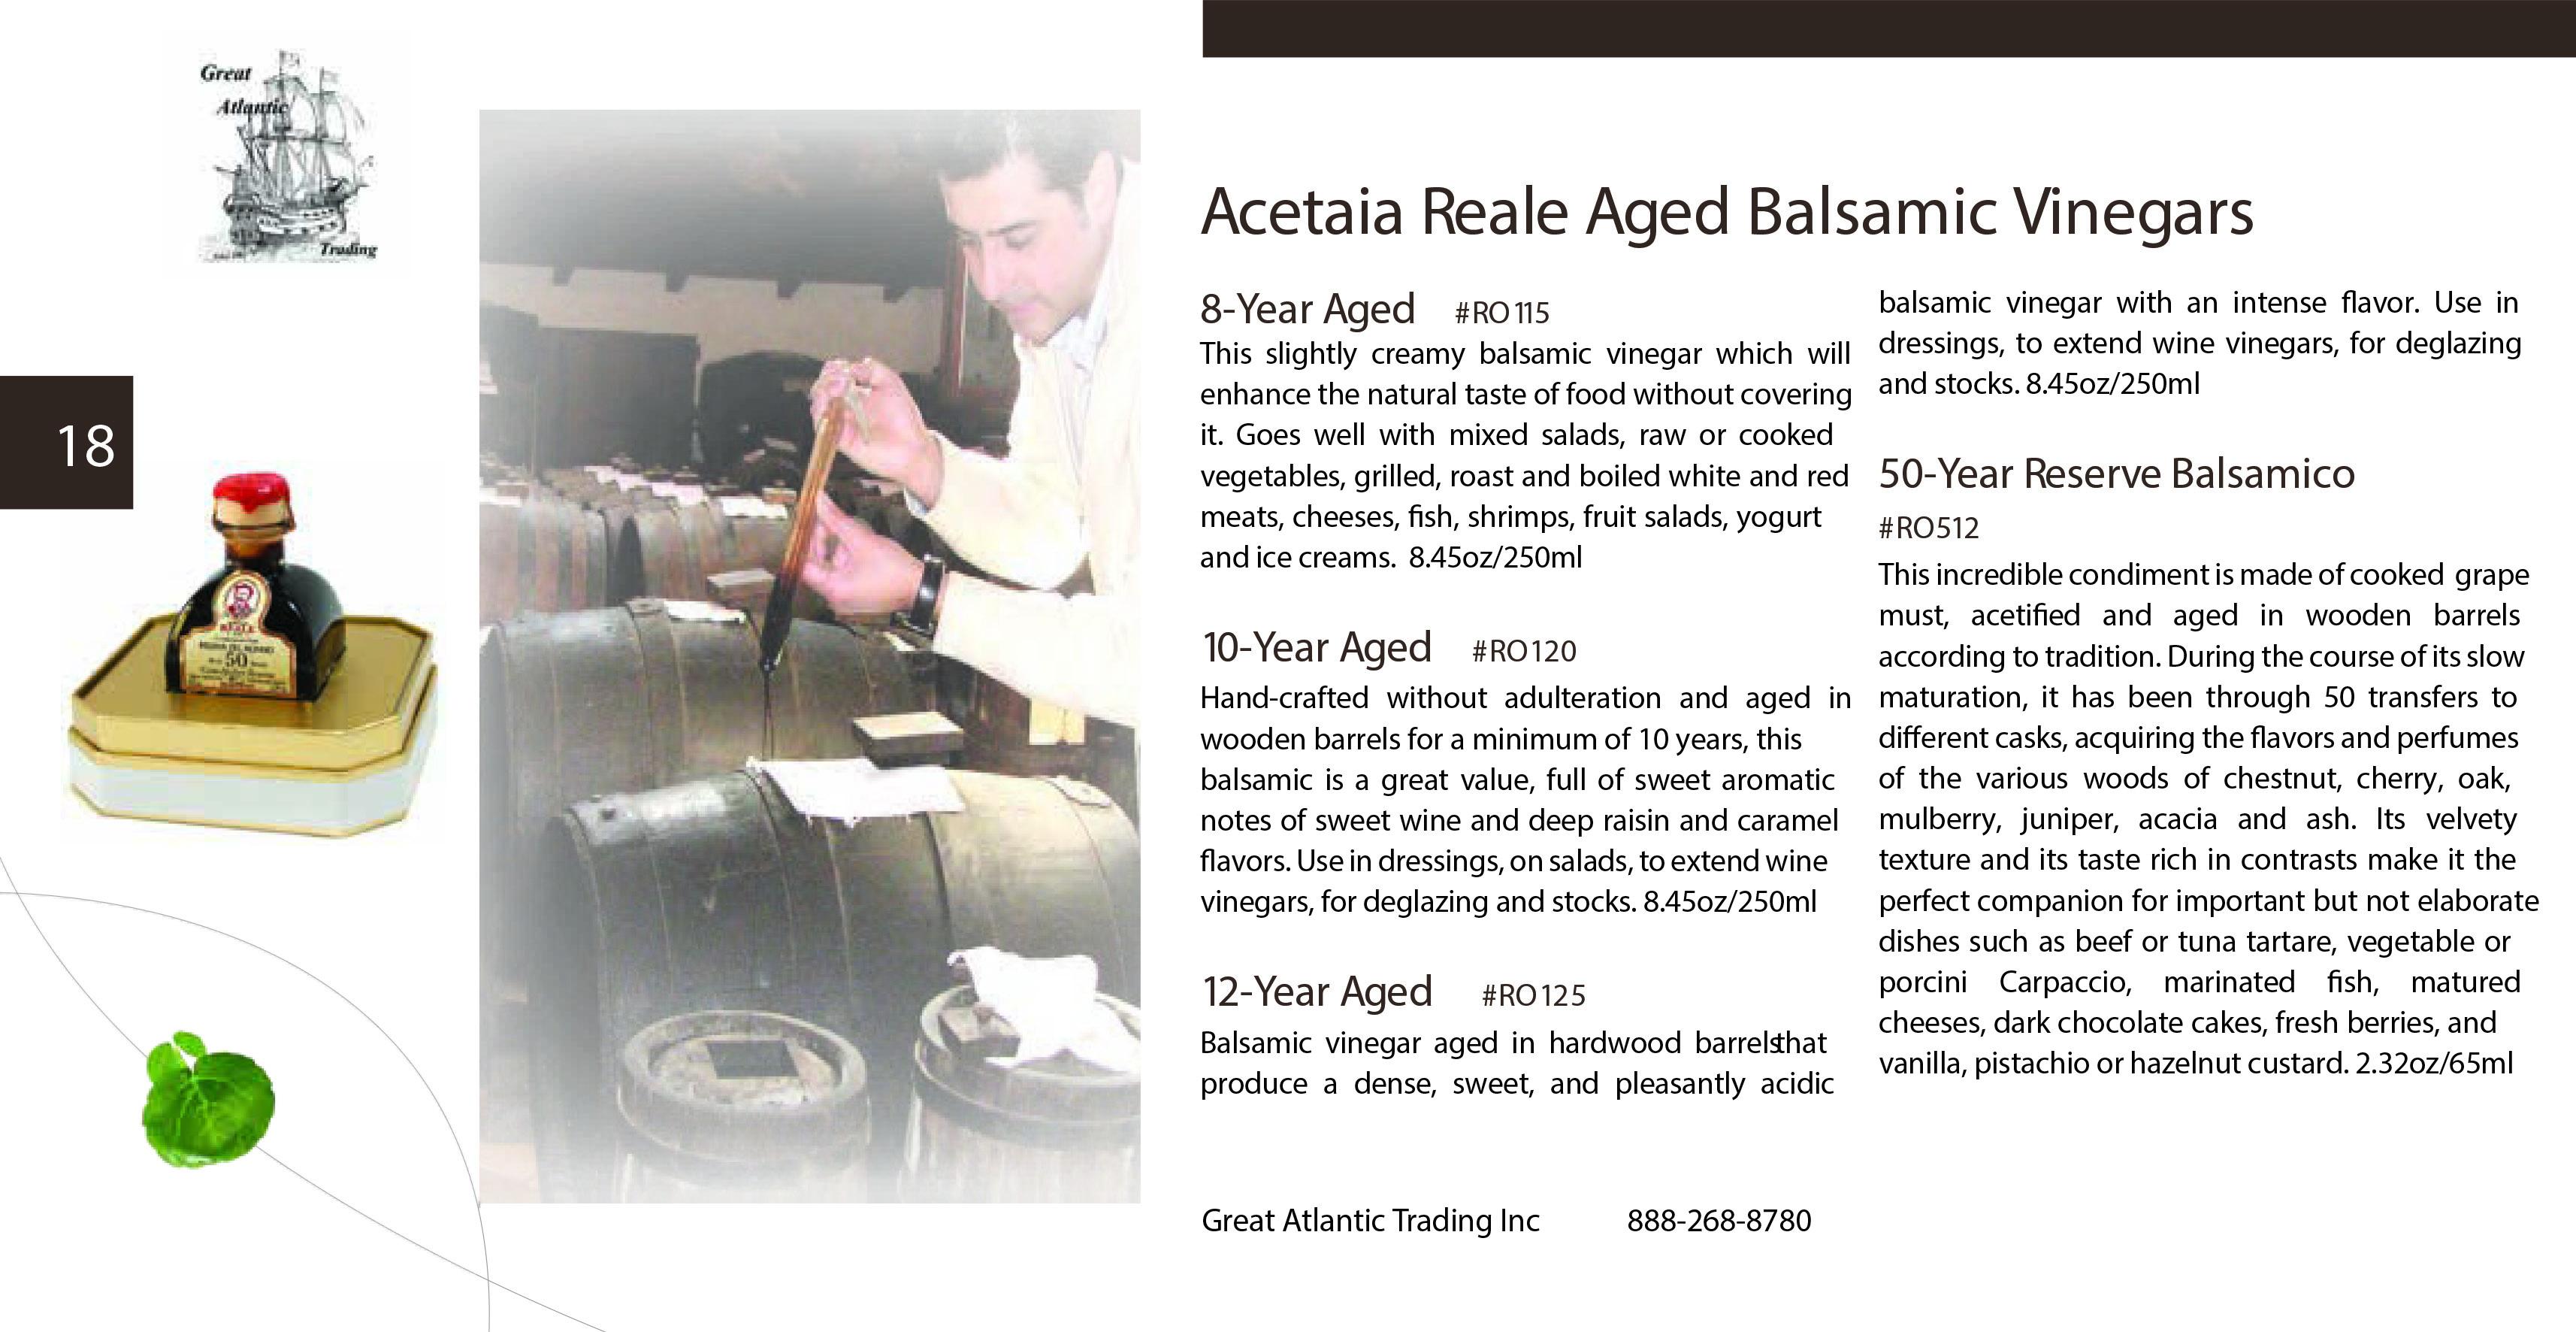 gat-catalog-new-19.jpg